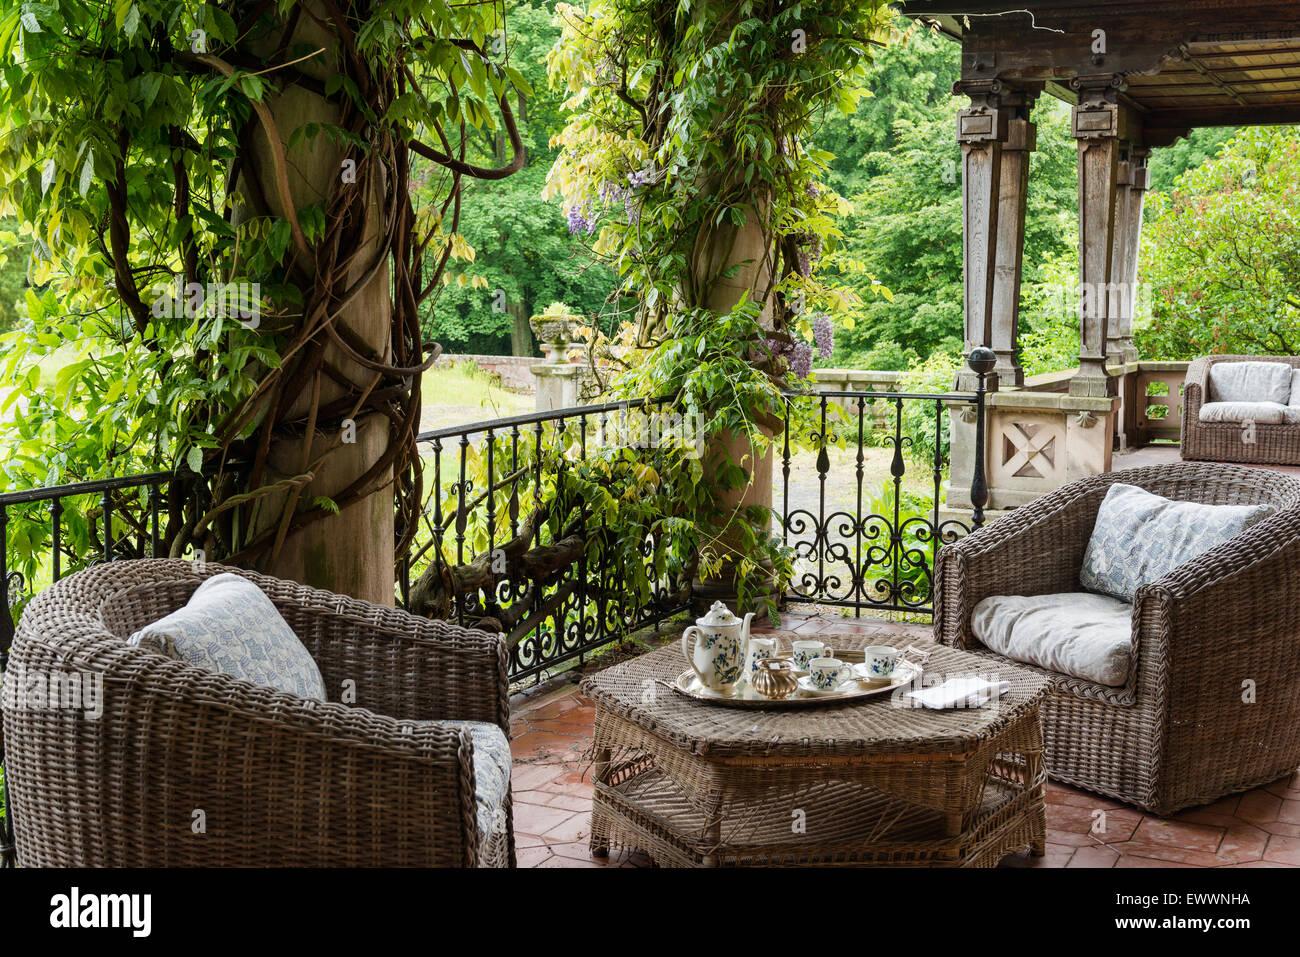 Vimini mobili da giardino sulla terrazza con il glicine for Mobili da giardino in ferro antichi